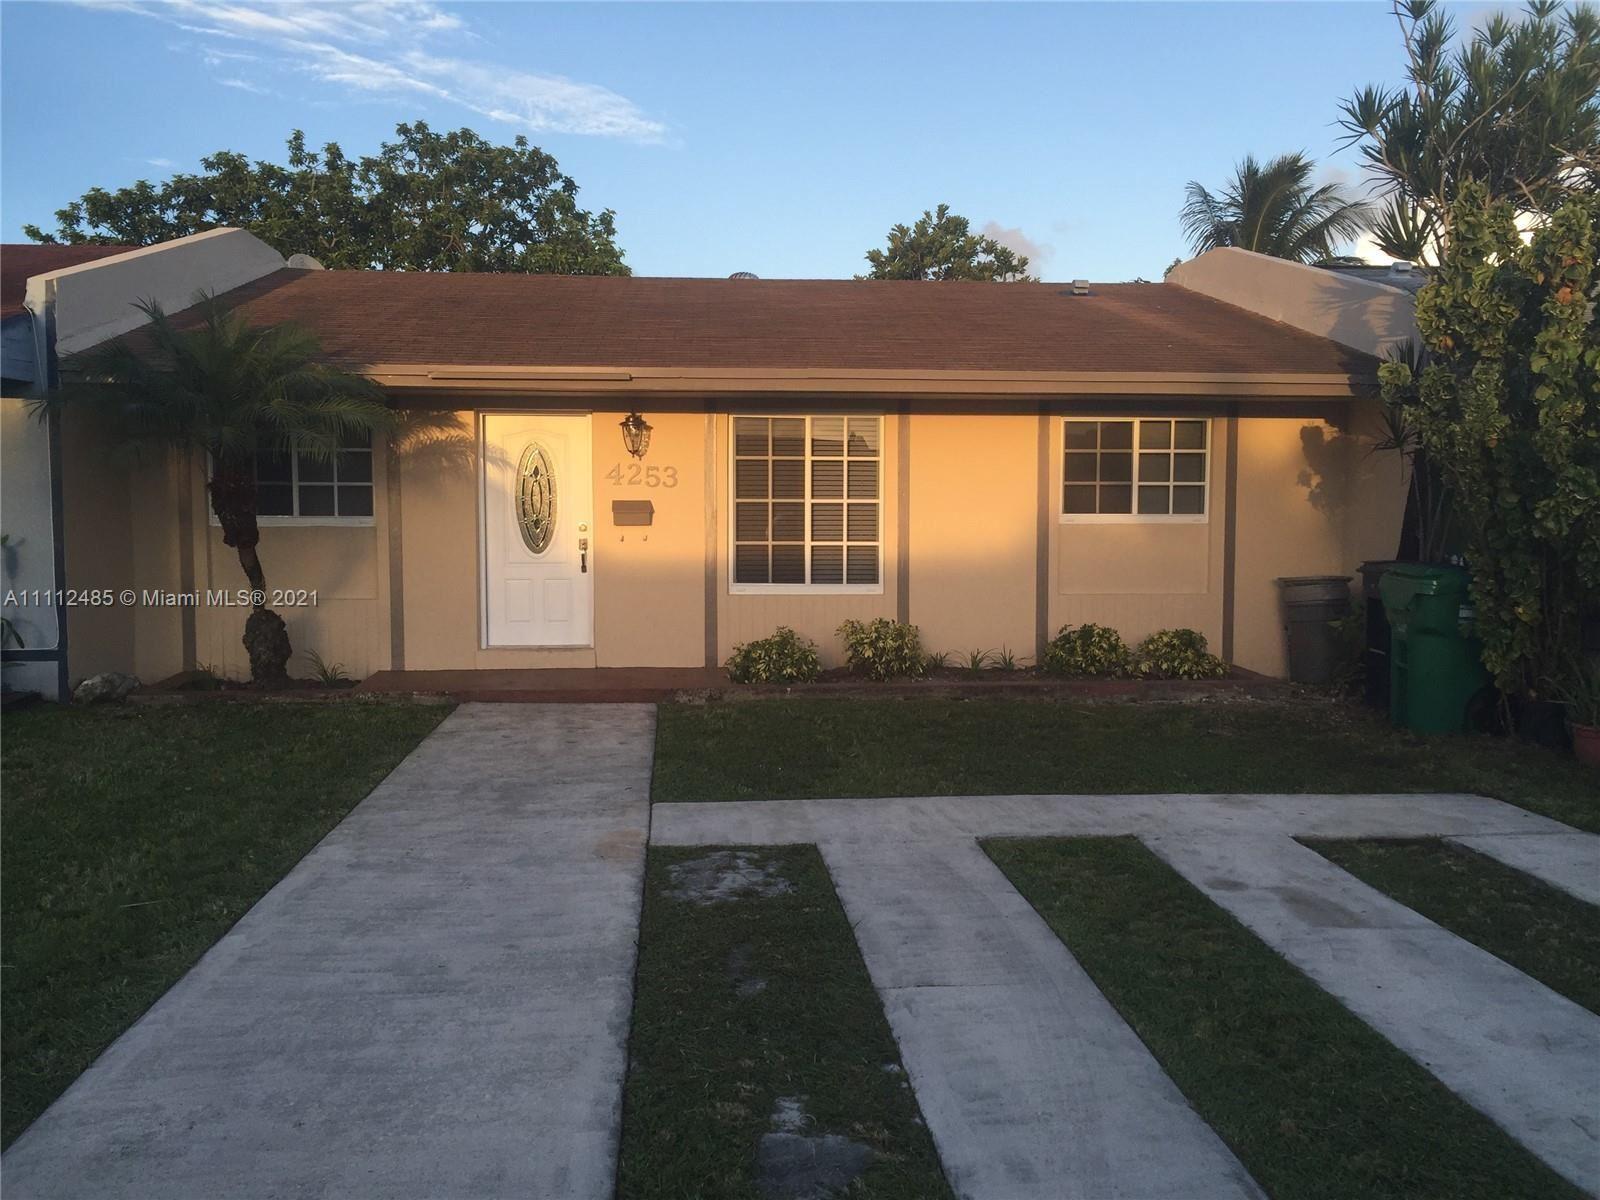 Photo of 4253 SW 130th Ct, Miami, FL 33175 (MLS # A11112485)